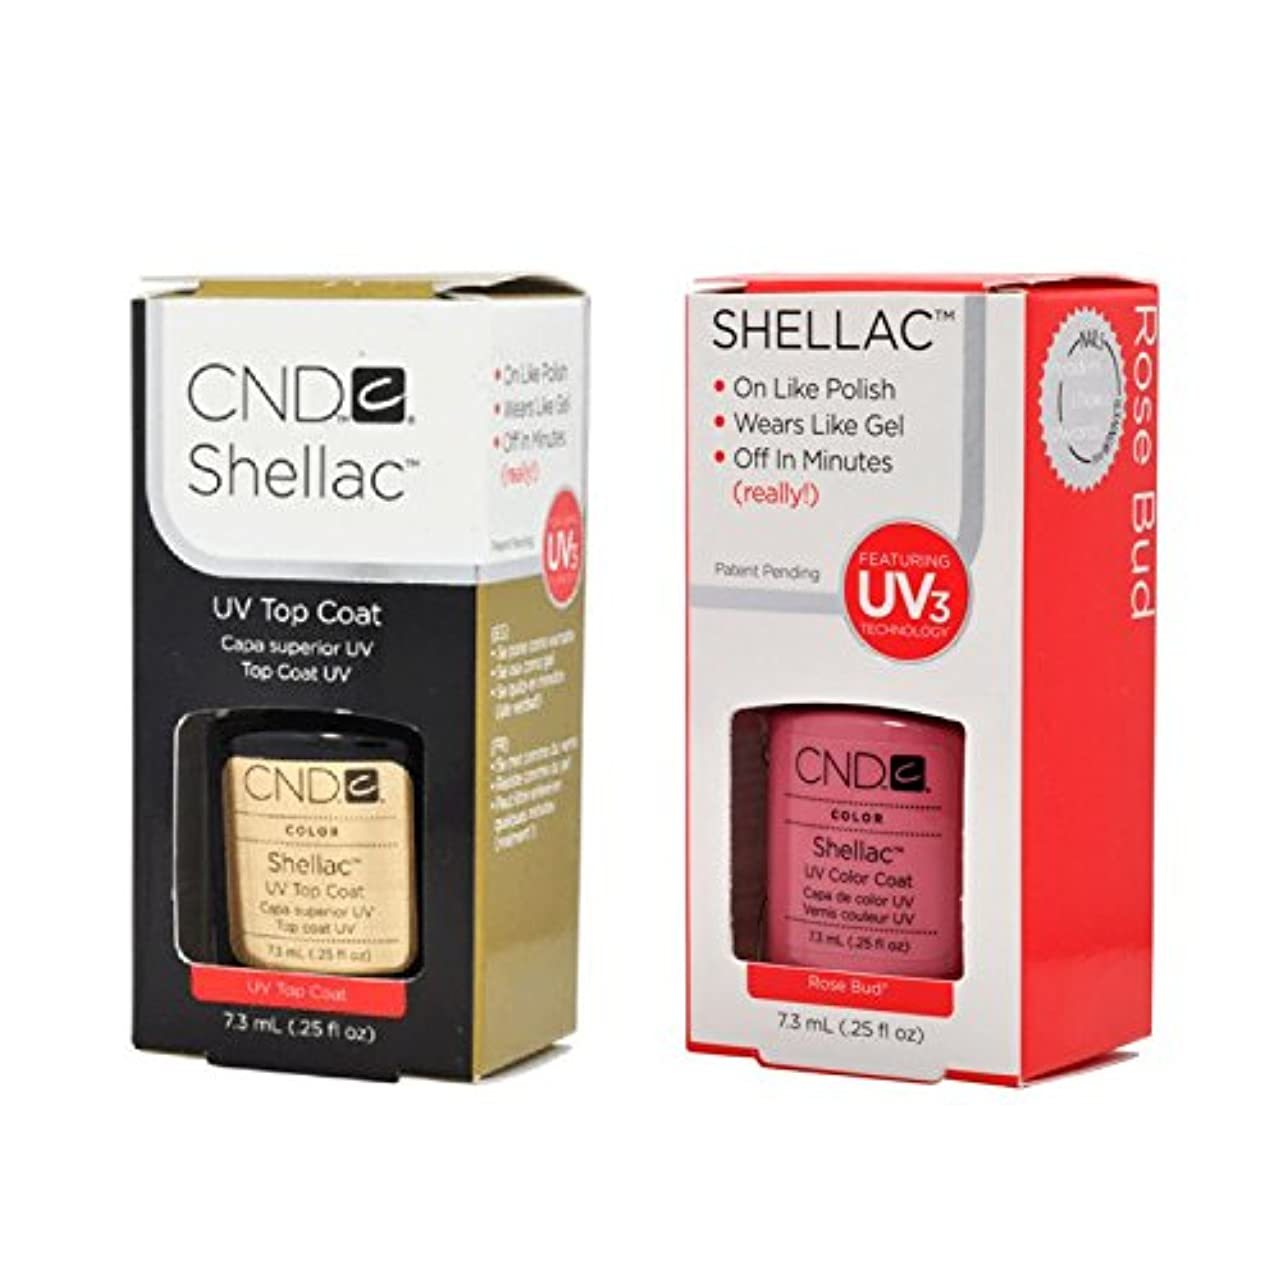 空気ジョリー内なるCND Shellac UVトップコート 7.3m l  &  UV カラーコー< Rose Bud>7.3ml [海外直送品]